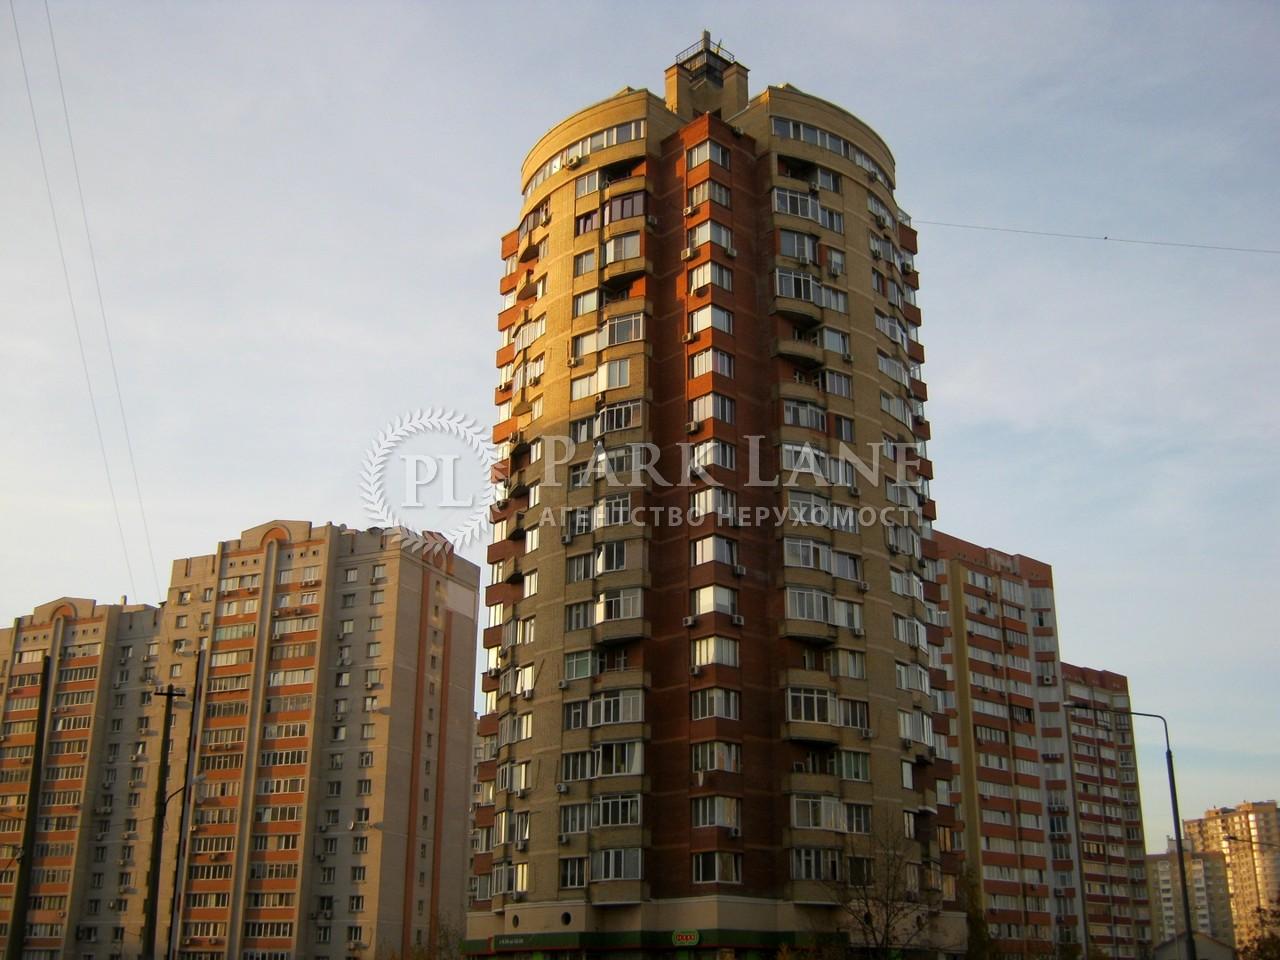 Нежитлове приміщення, вул. Урлівська, Київ, J-23207 - Фото 1